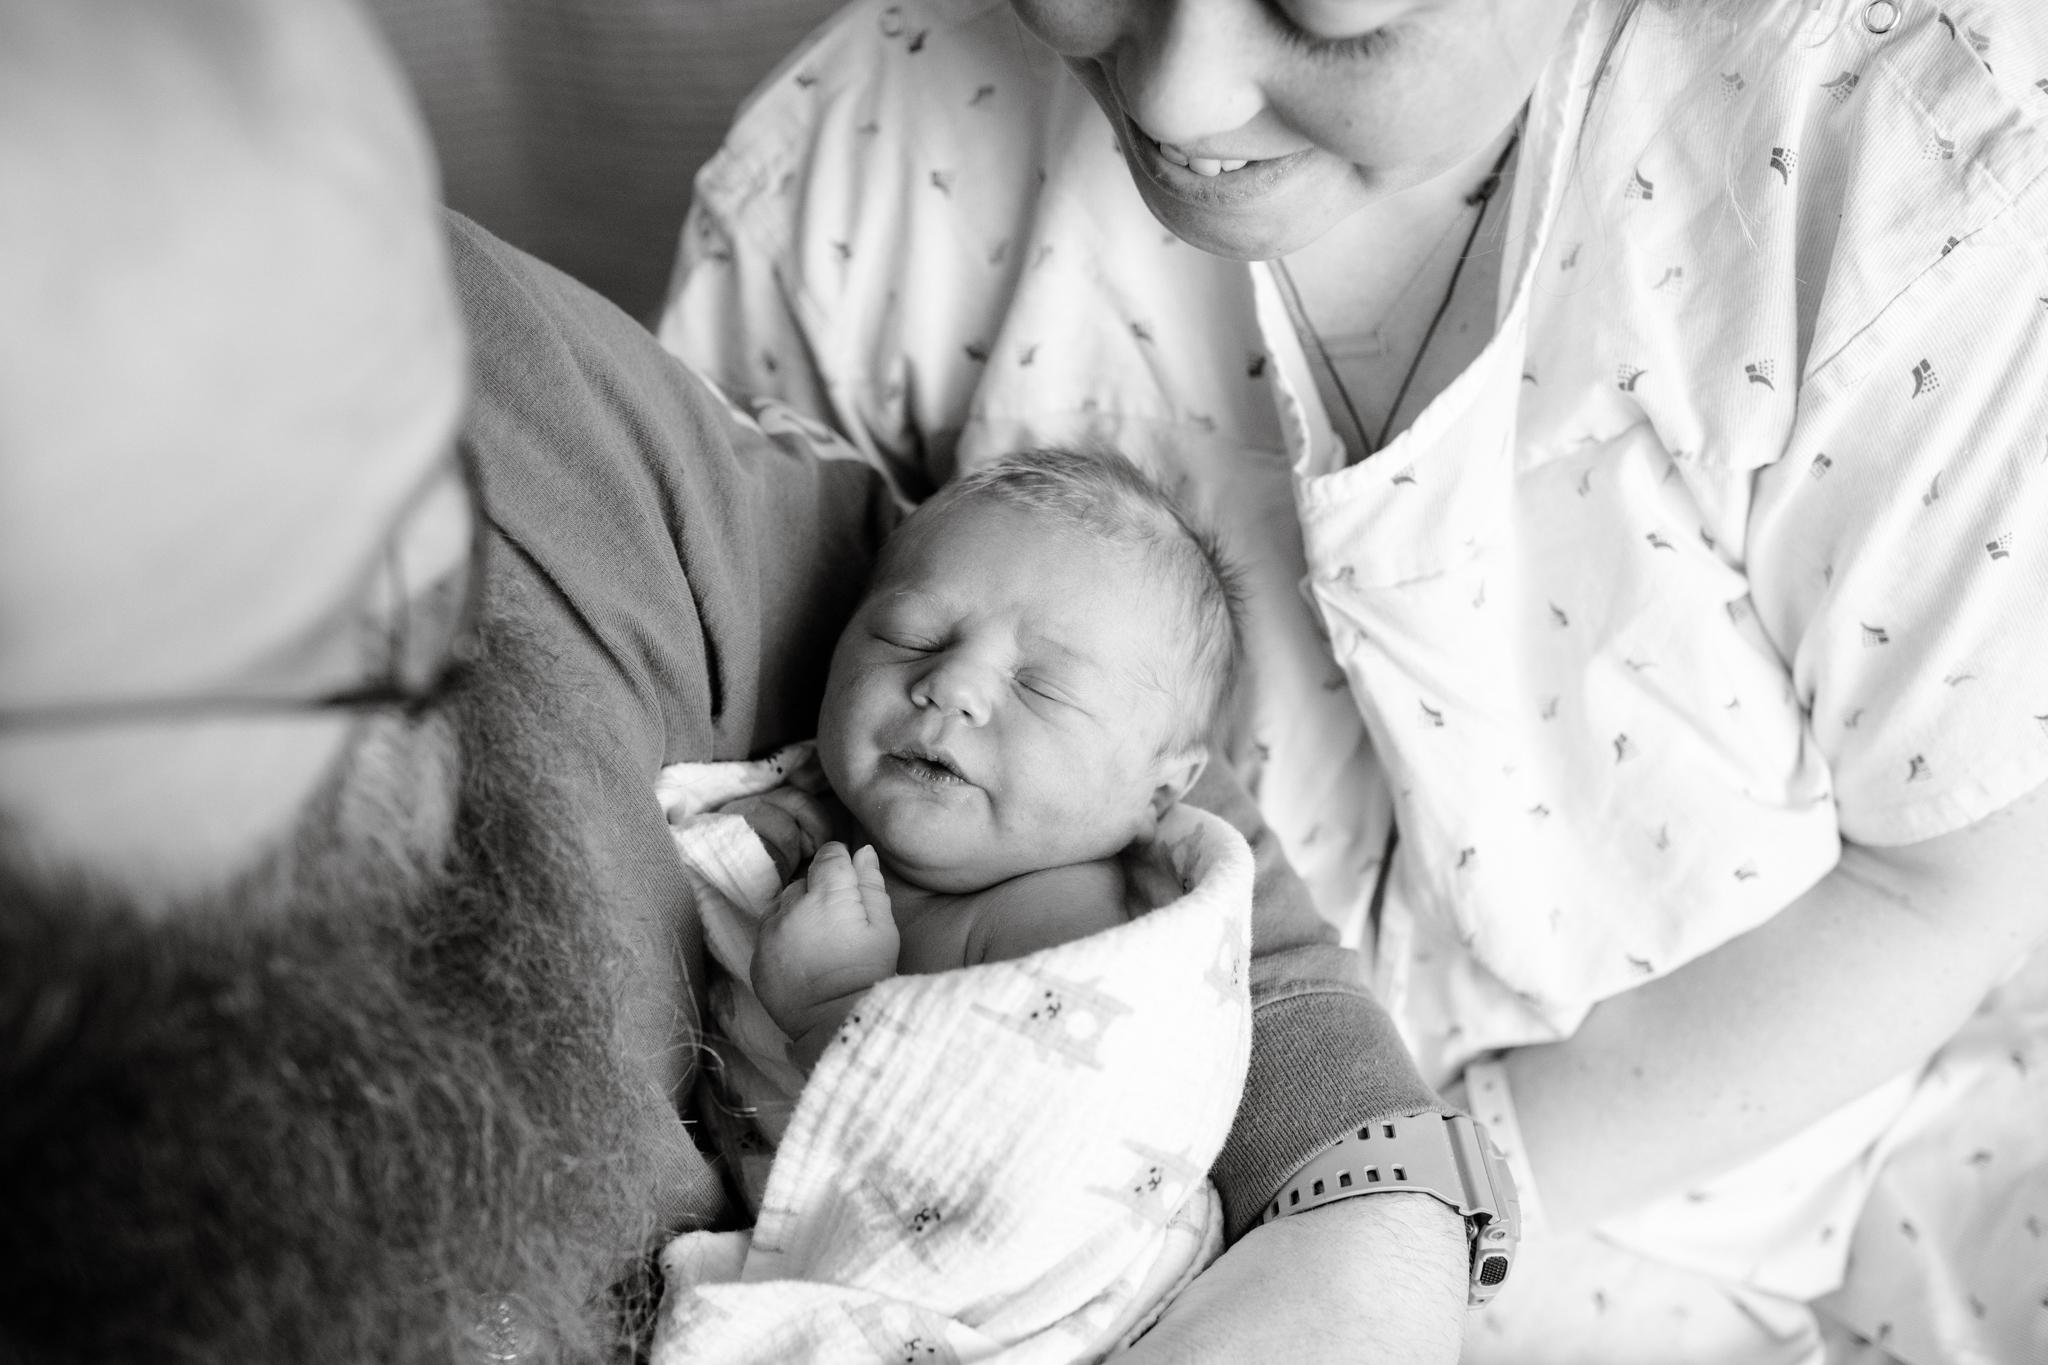 maine-fresh48-newborn-photographer -32.jpg